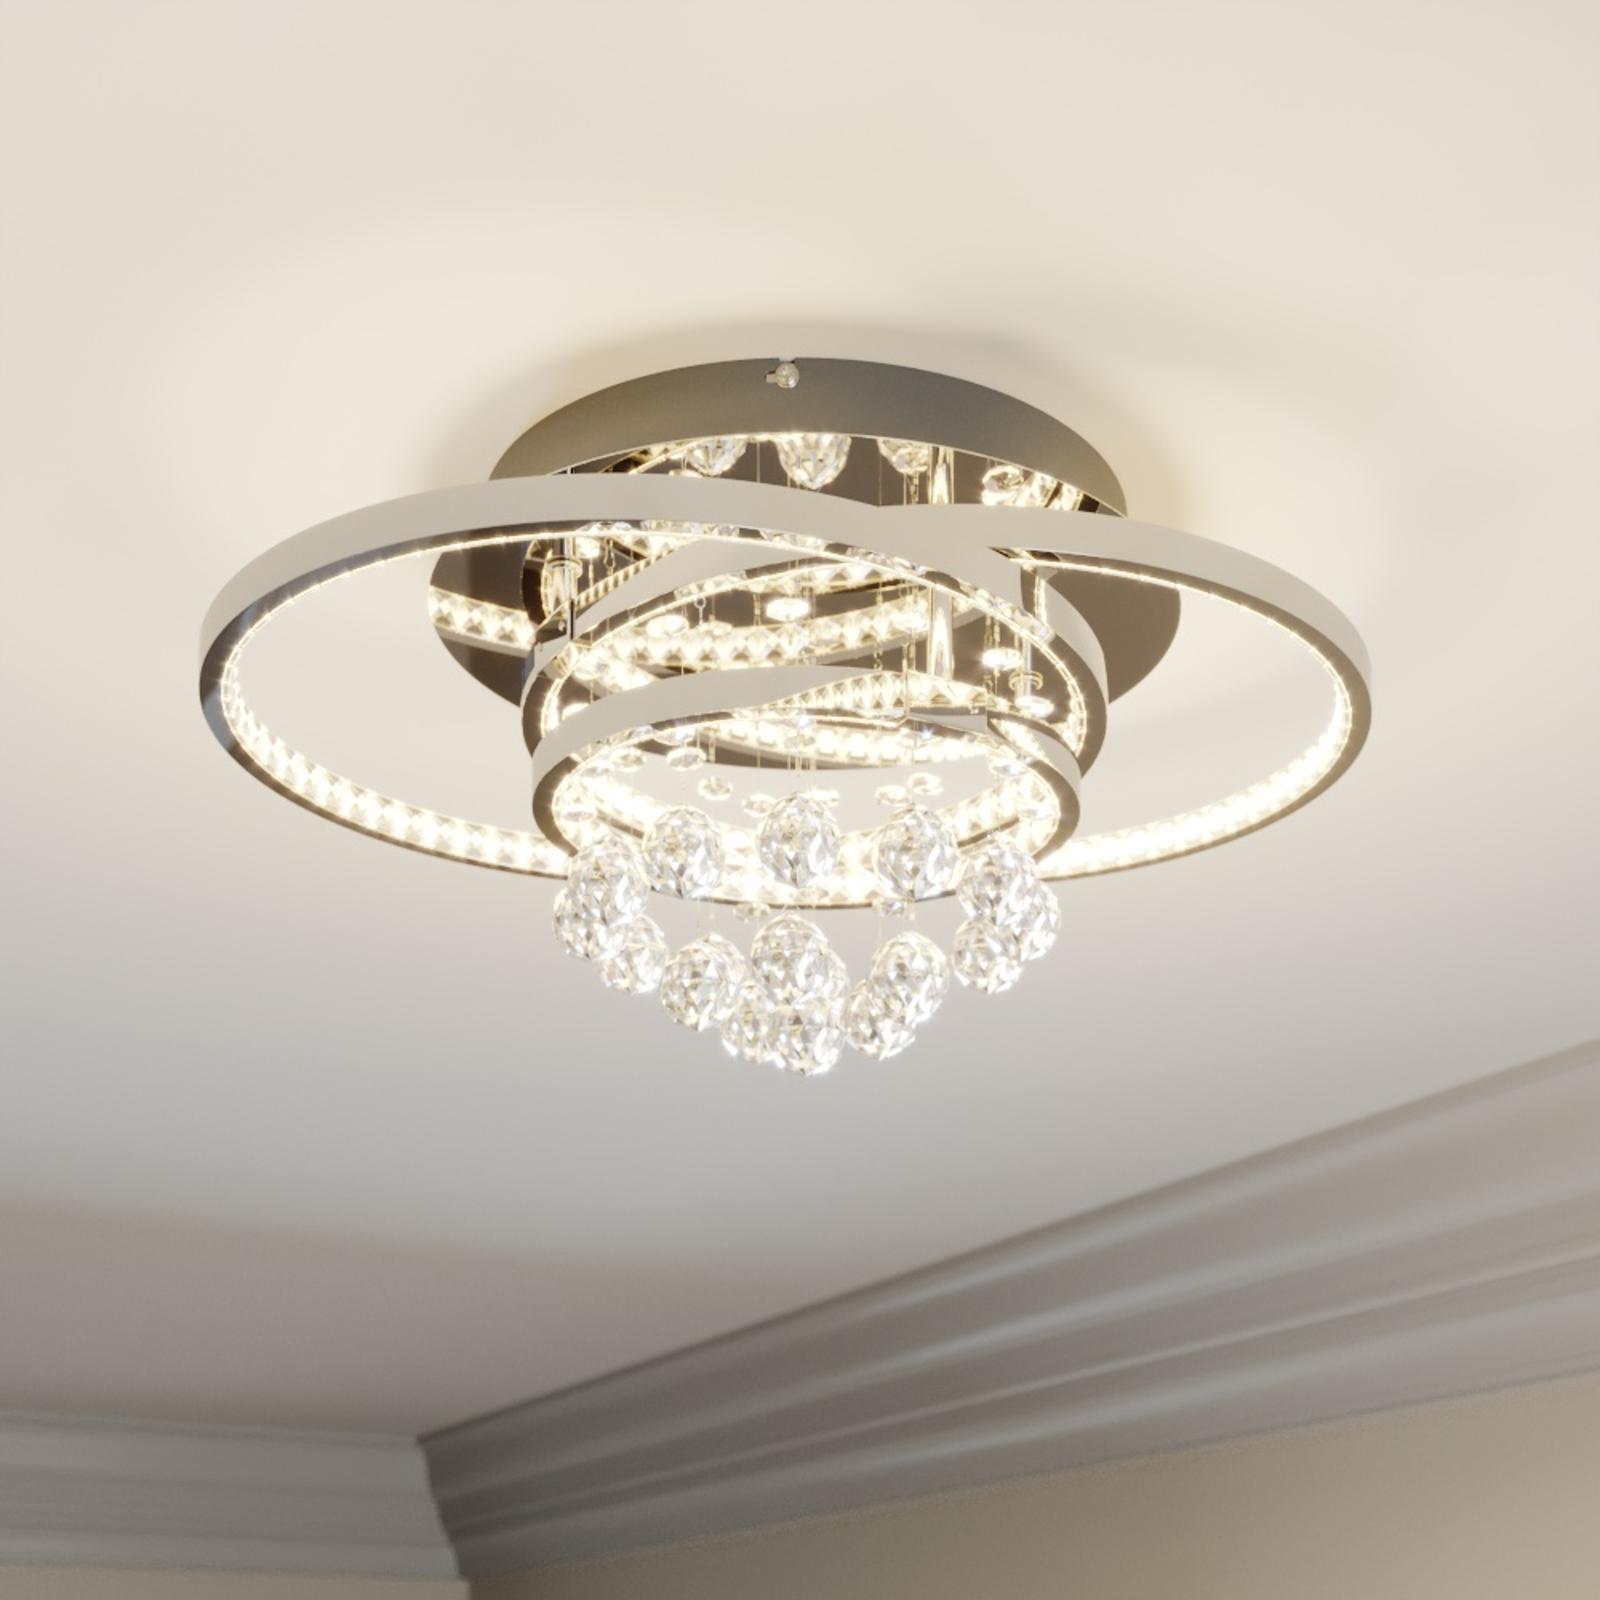 Lucande Keely LED-taklampe, krystall, 44,5 cm